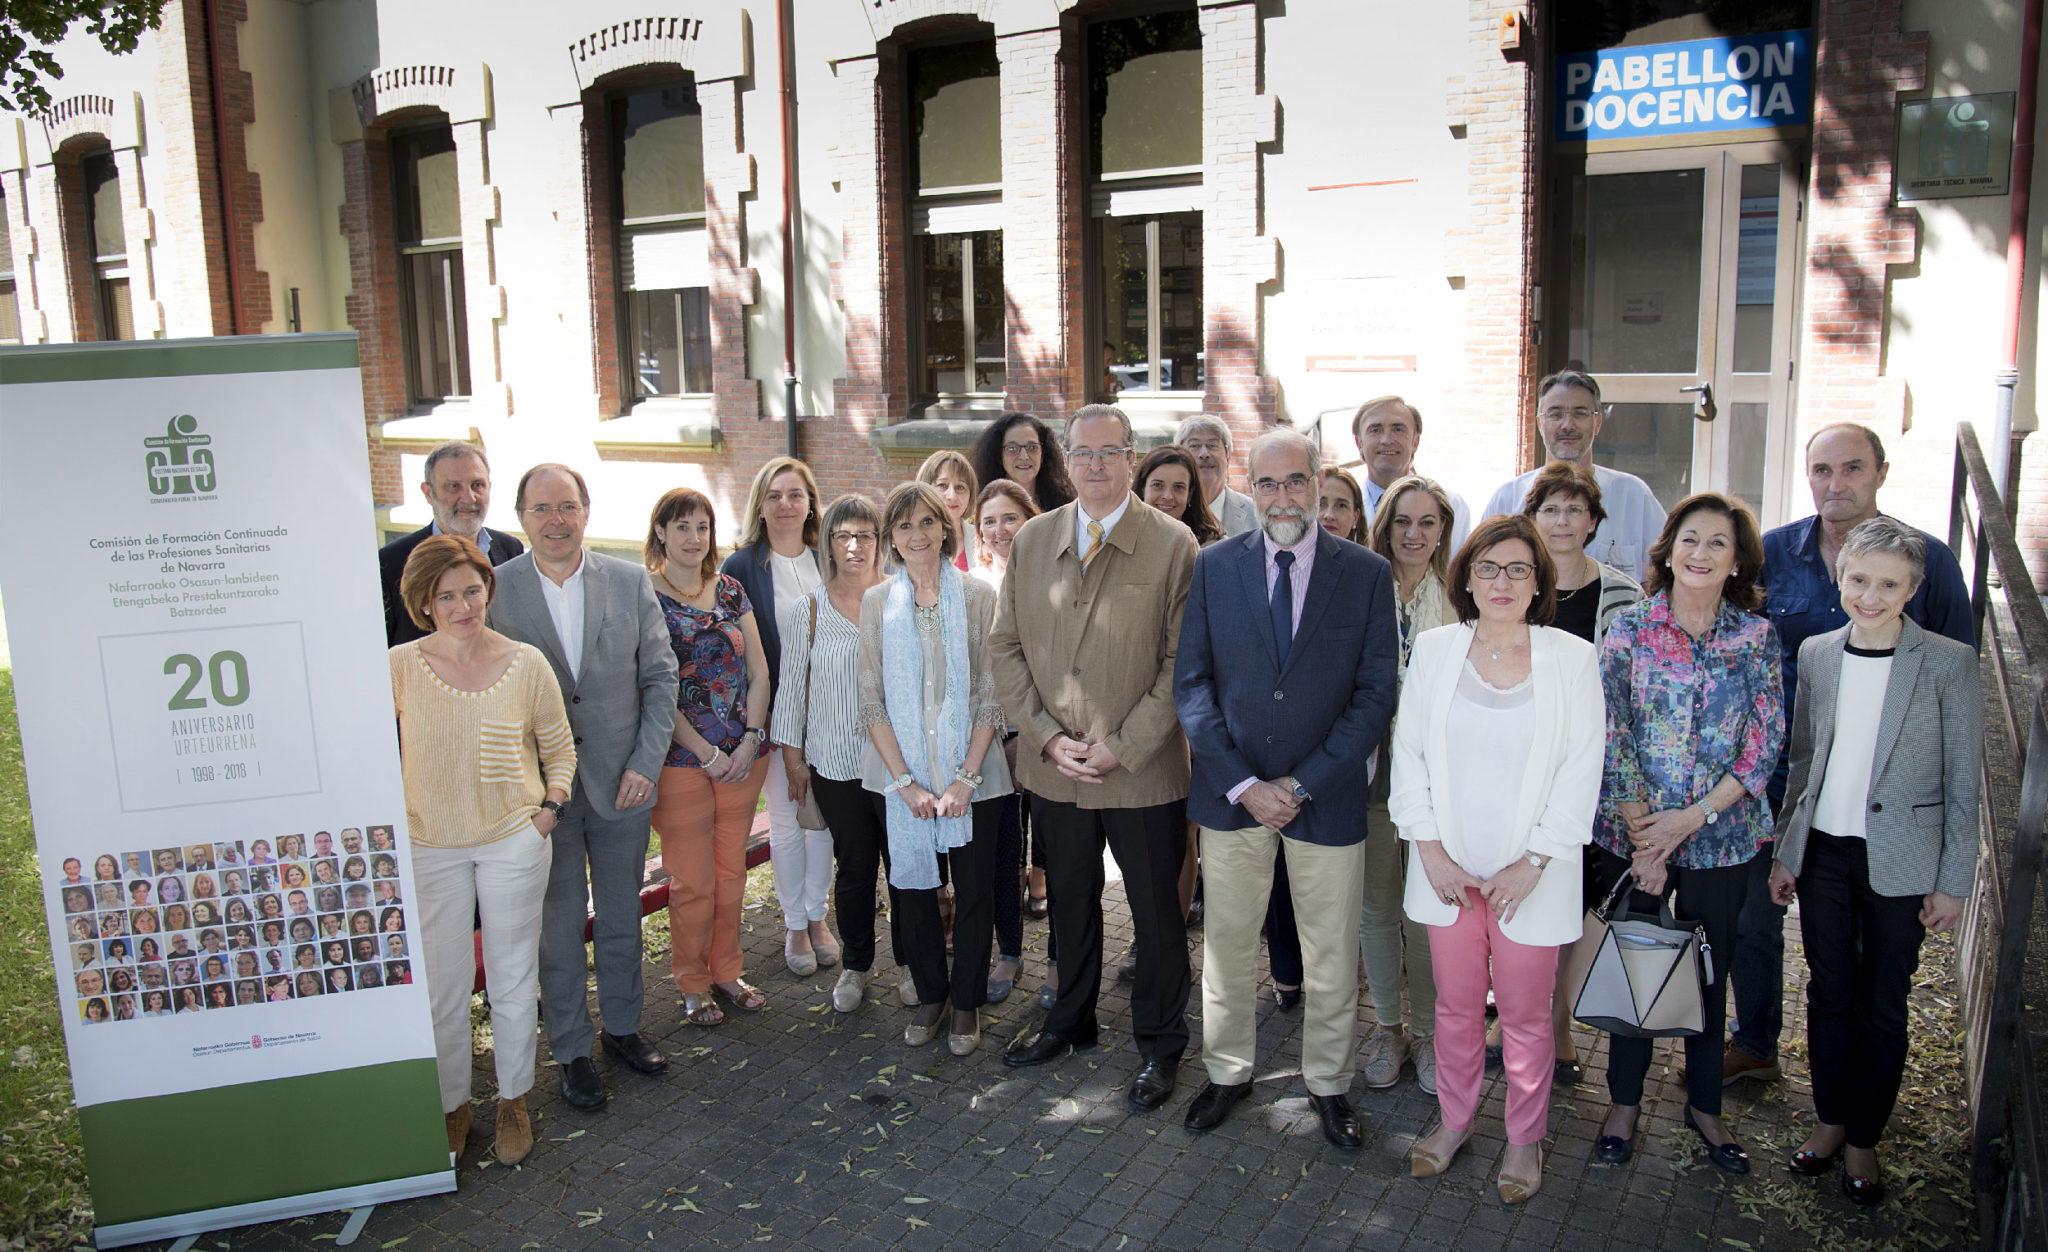 La Comisión de Formación Continuada de las Profesiones Sanitarias de Navarra celebra su 20º aniversario con cerca de 10.000 actividades acreditadas.